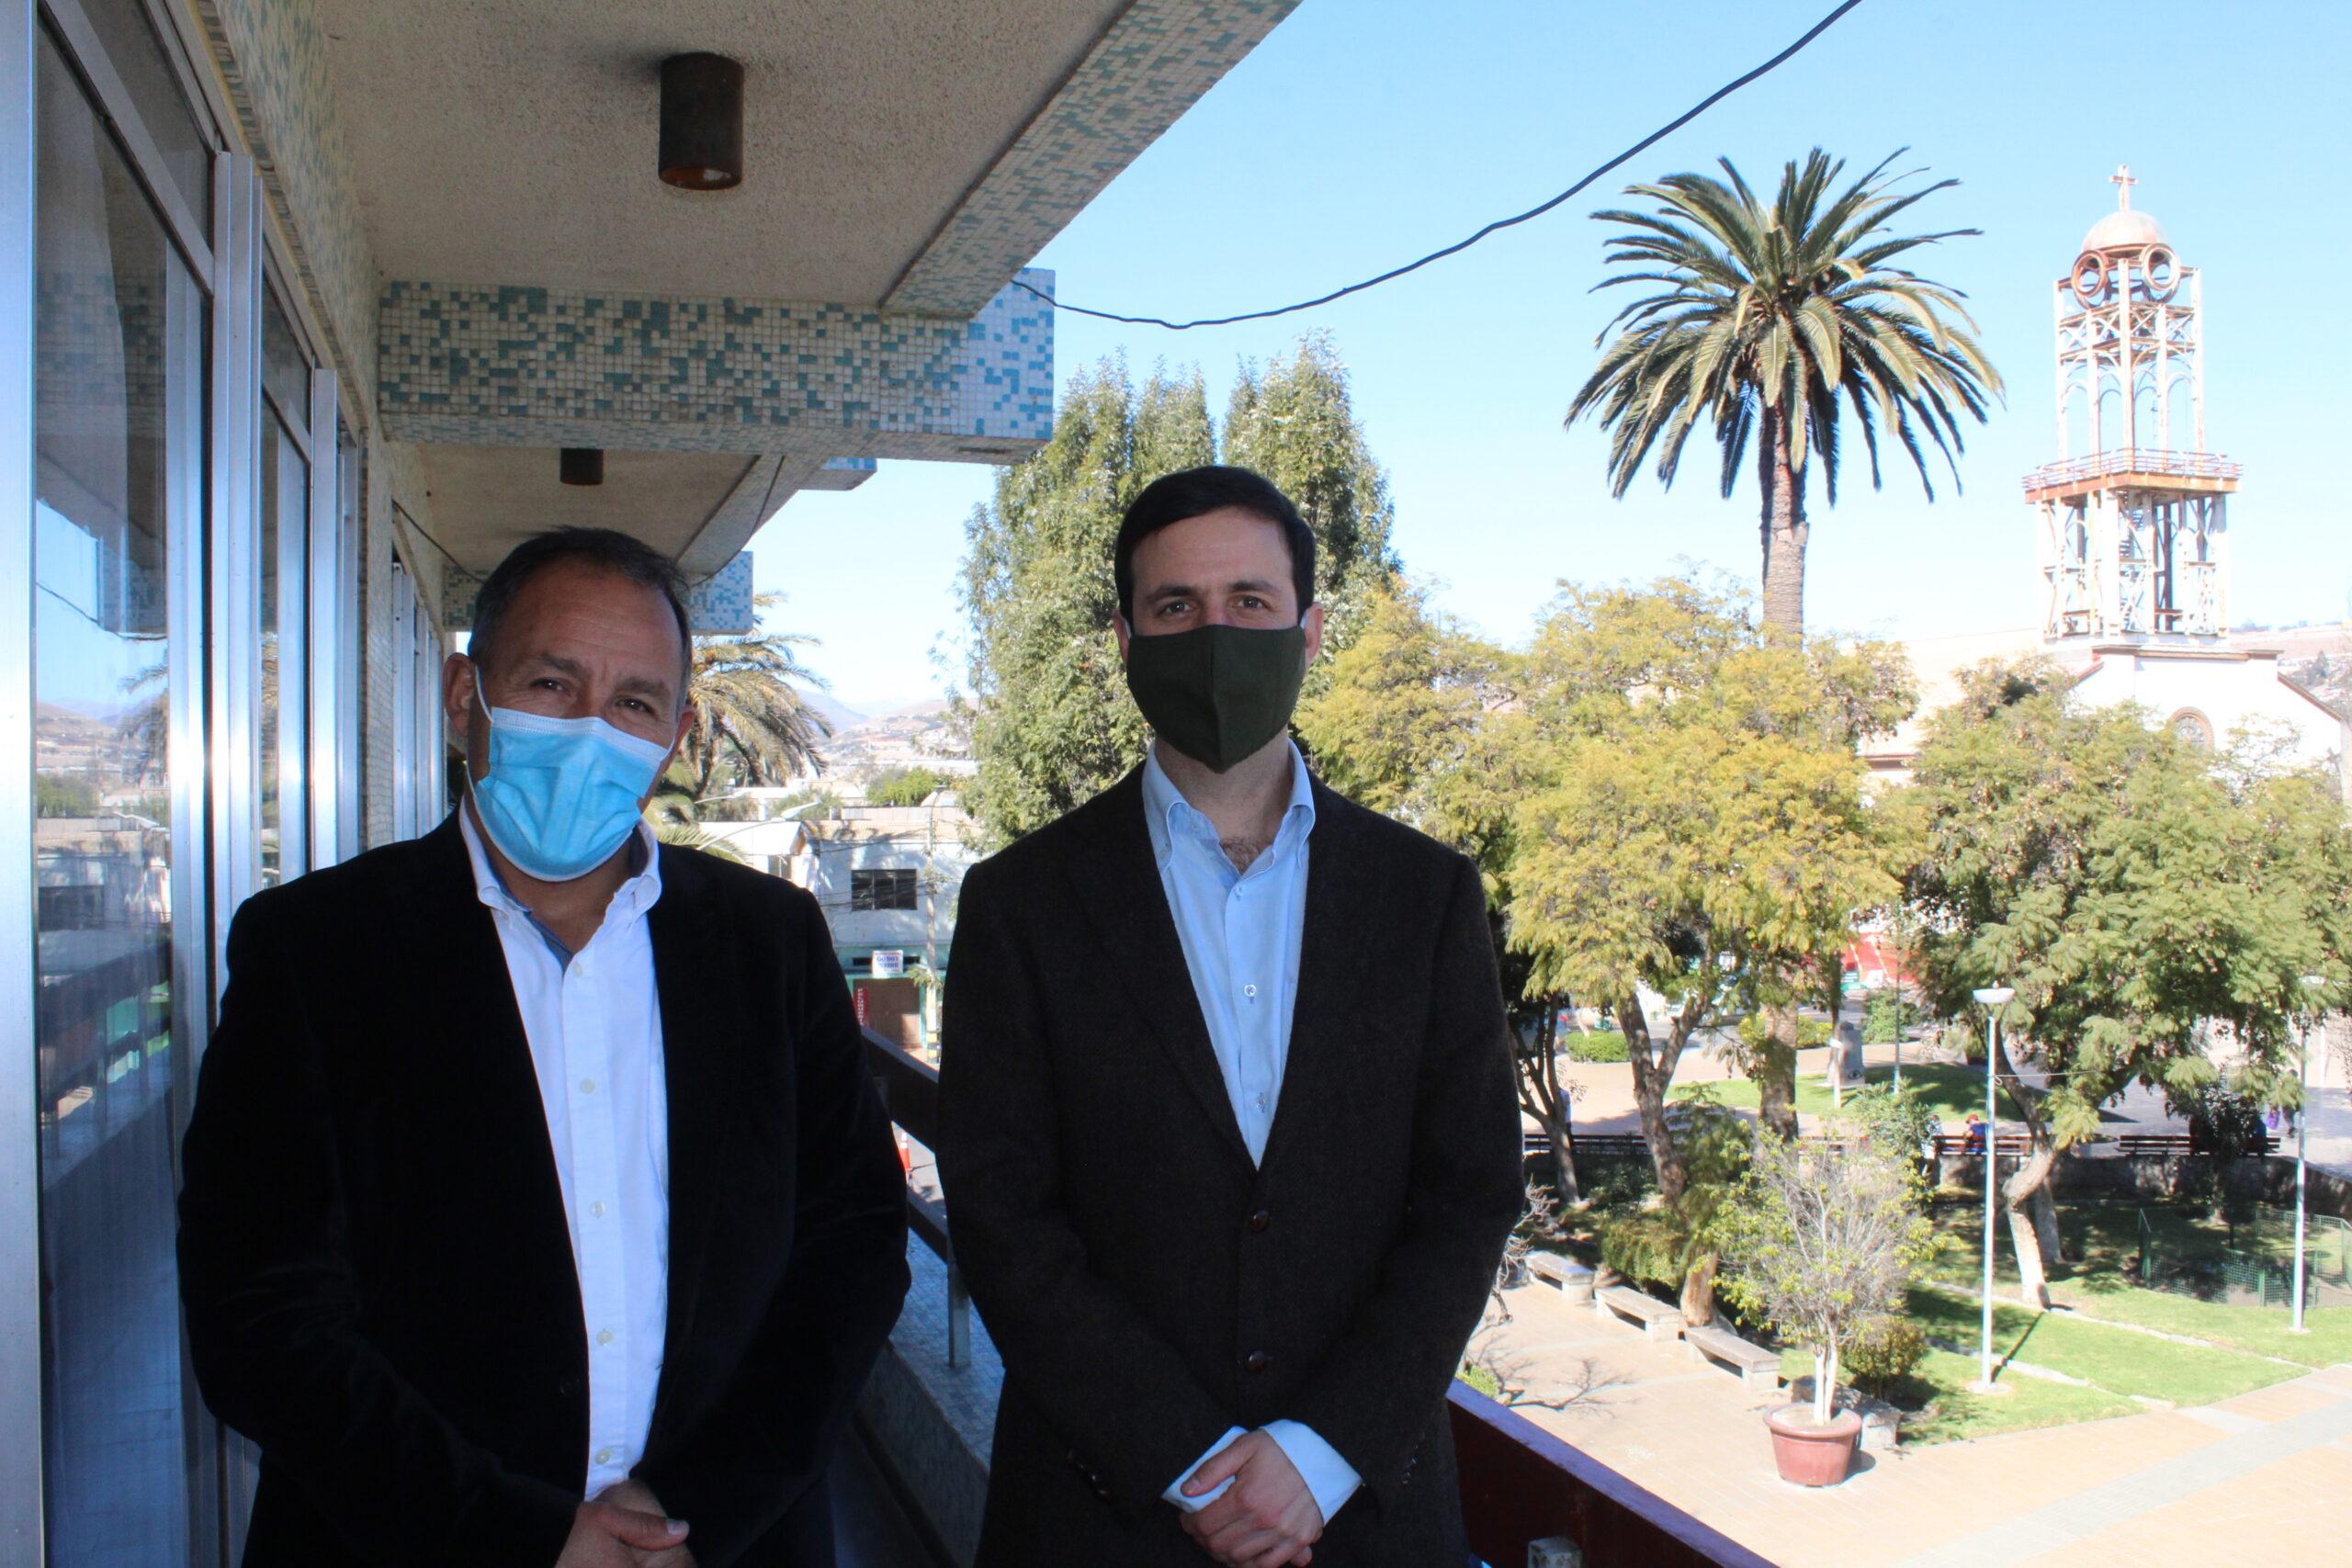 Seremi del Medio Ambiente se reúne con Alcaldes de Alto del Carmen y Vallenar para fortalecer políticas ambientales